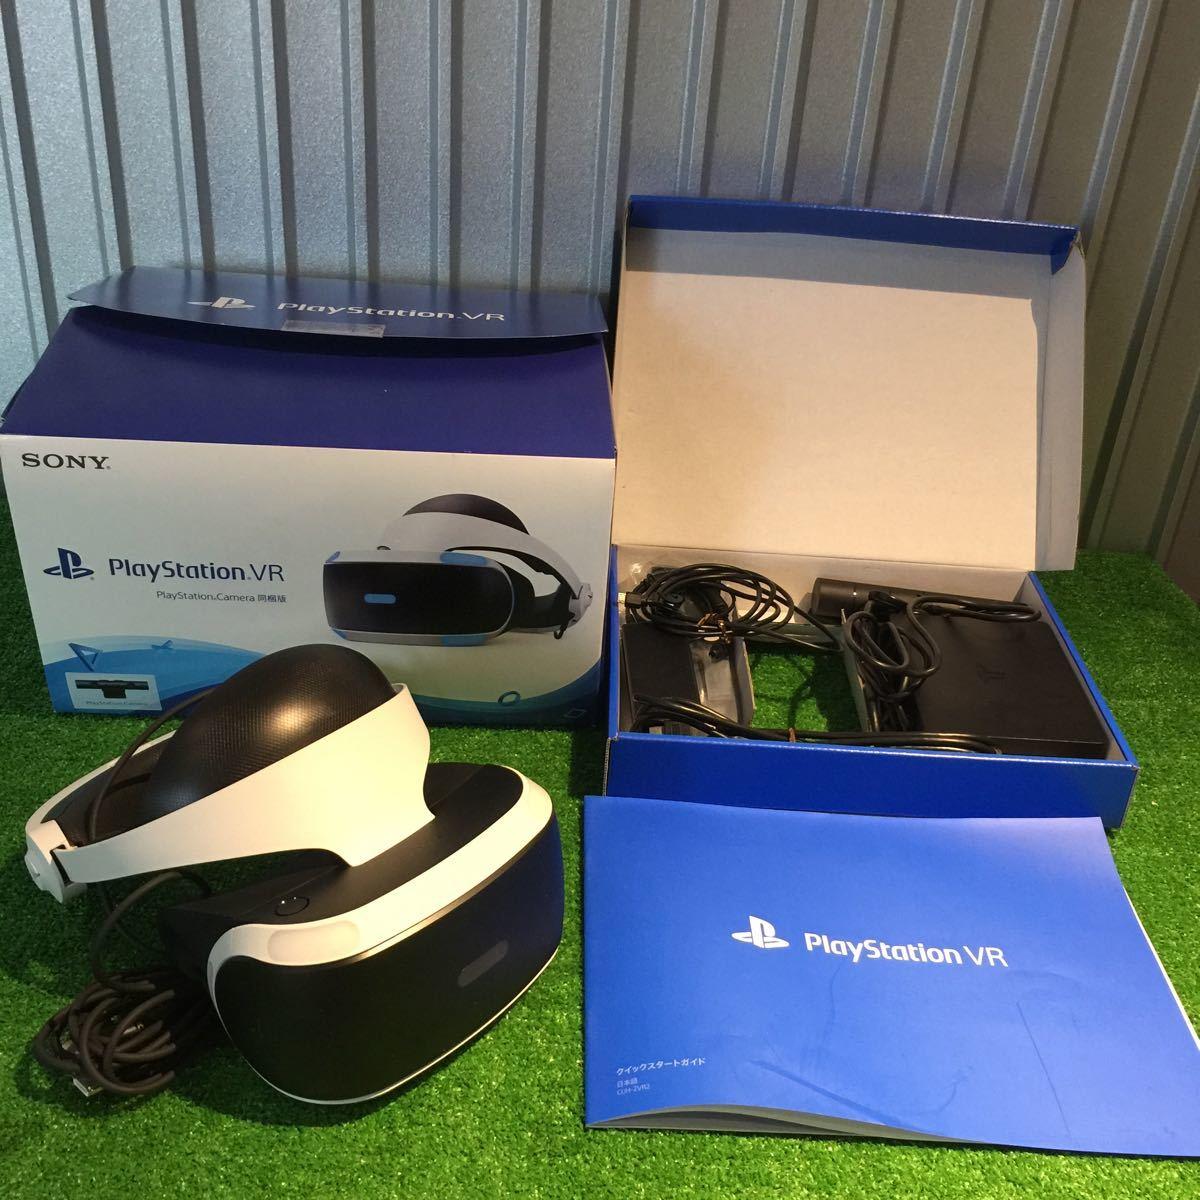 1円~ PSVR PlayStation VR PlayStation Camera同梱版 CUHJ-16003 元箱 説明書付き (77) 100サイズ